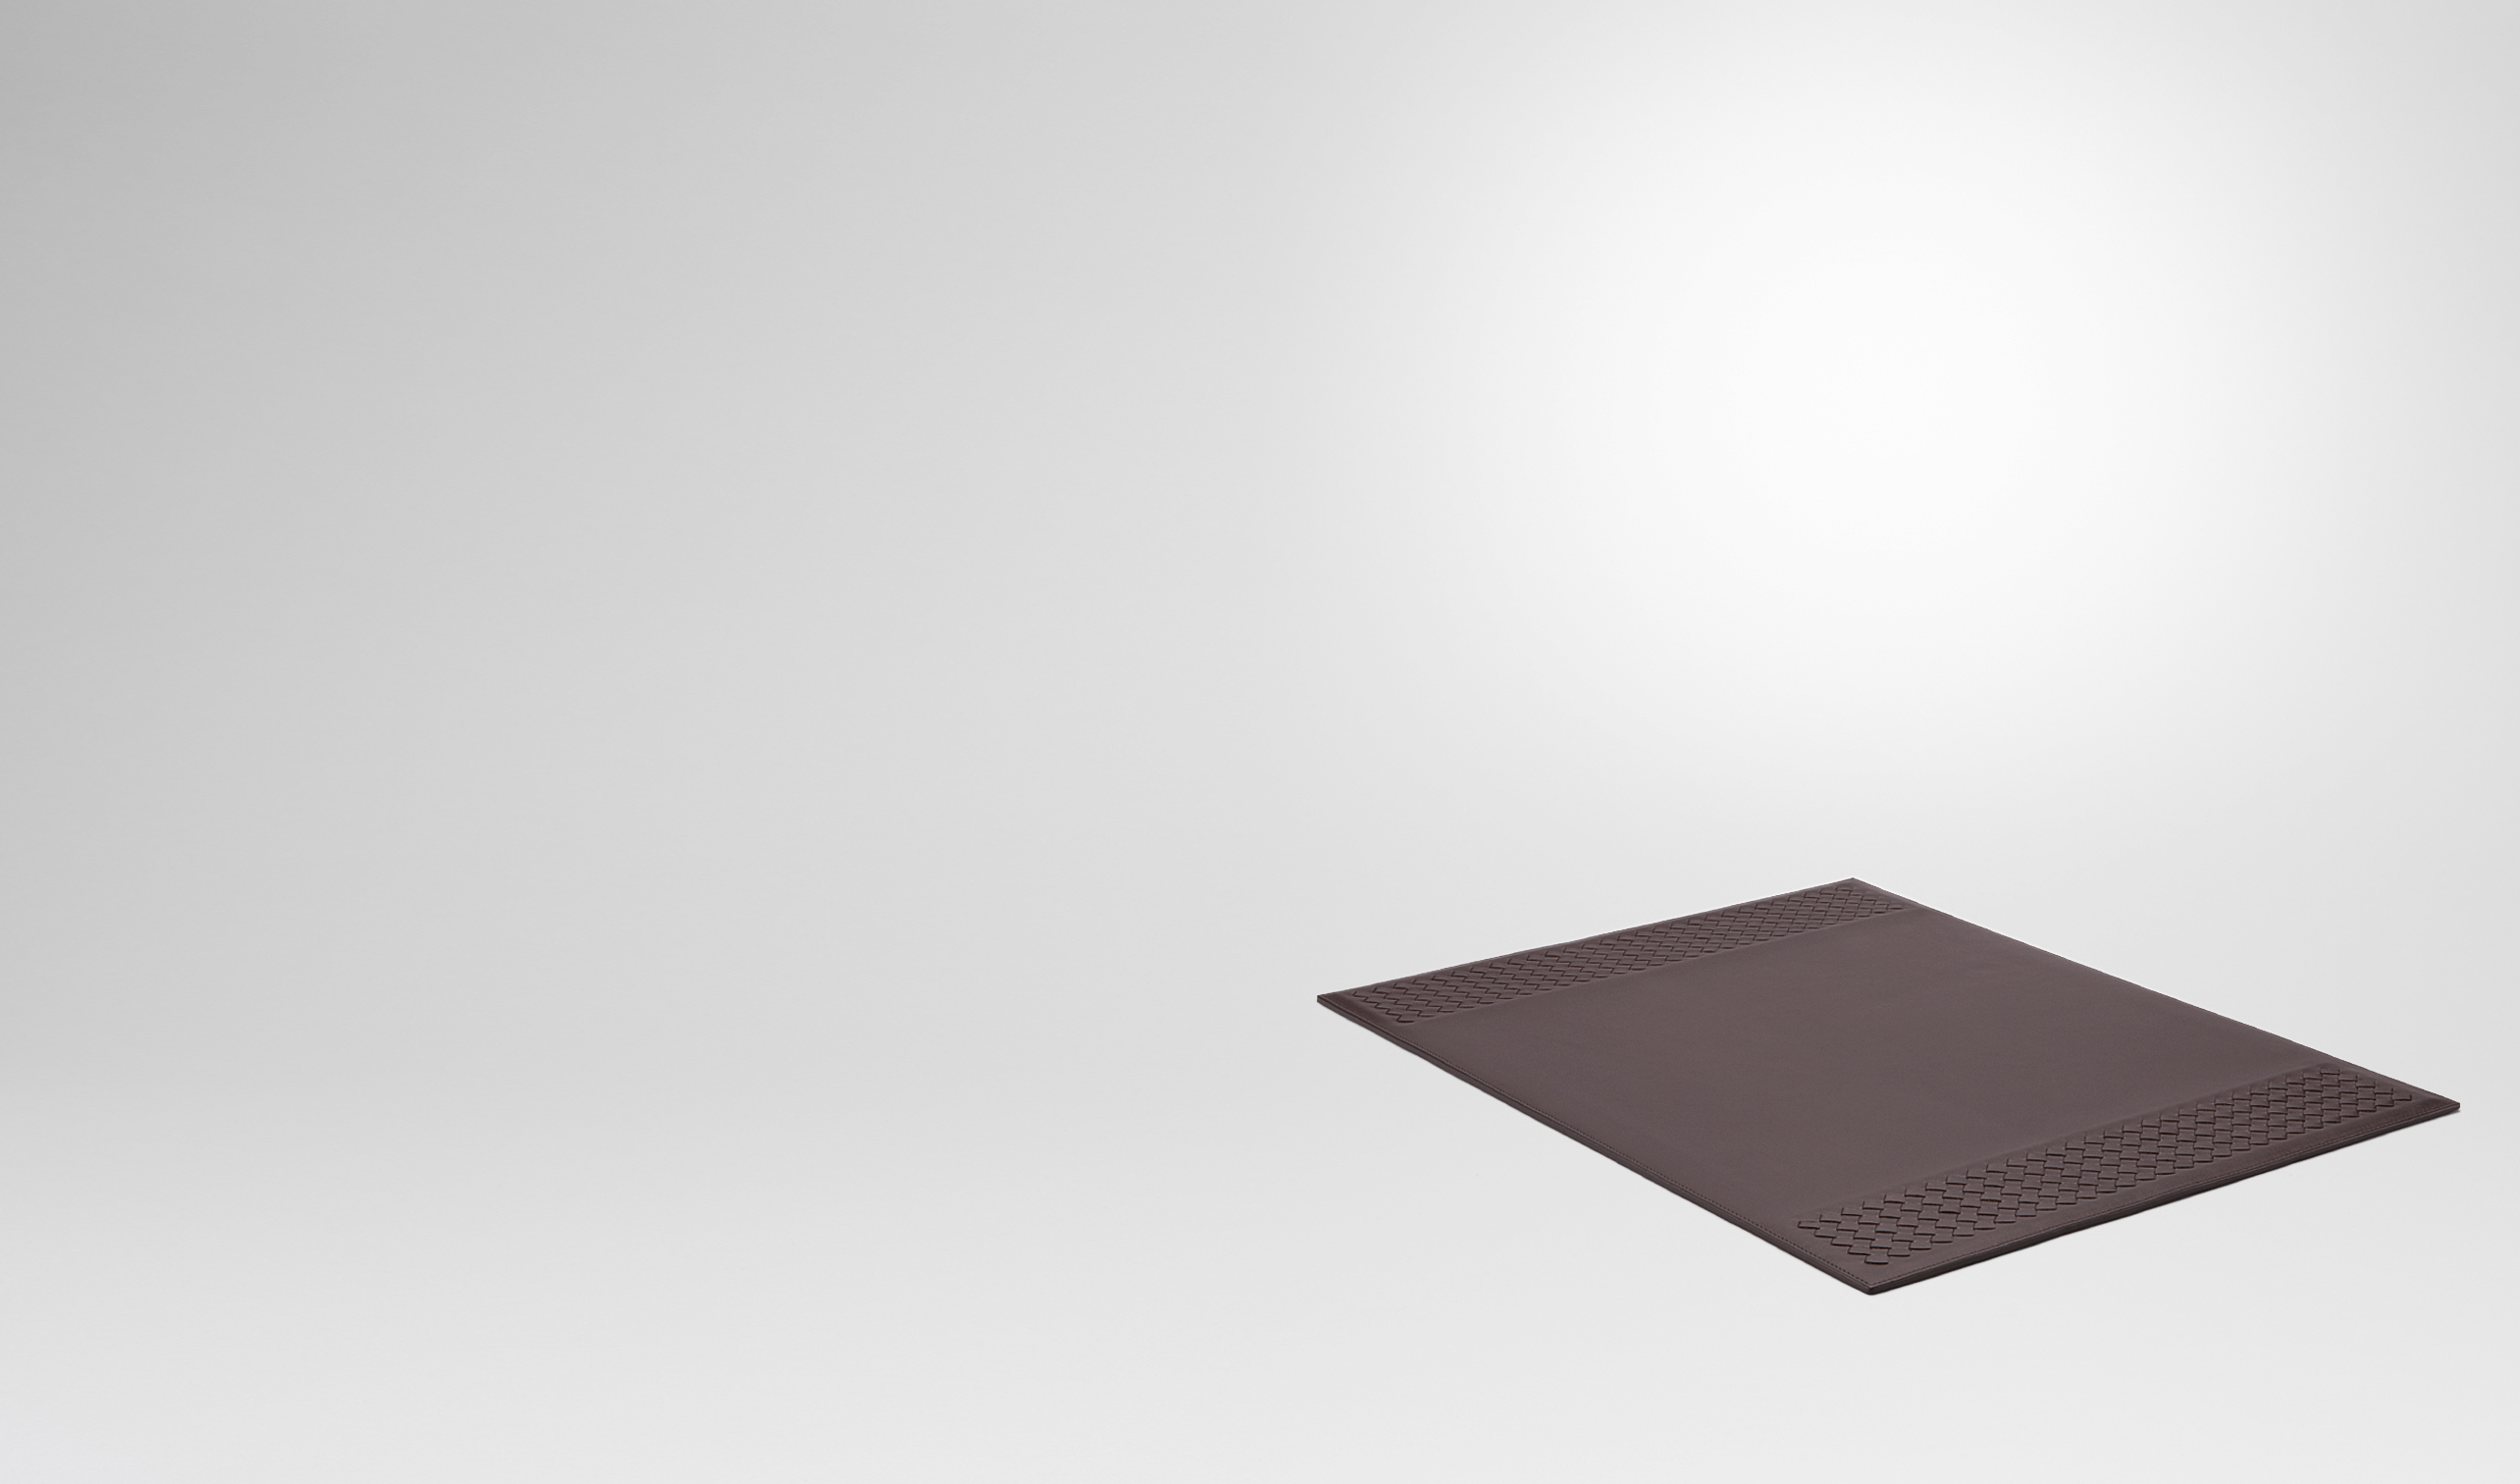 BOTTEGA VENETA Desk accessory E Ebano Intrecciato Vn Desk Blotter pl